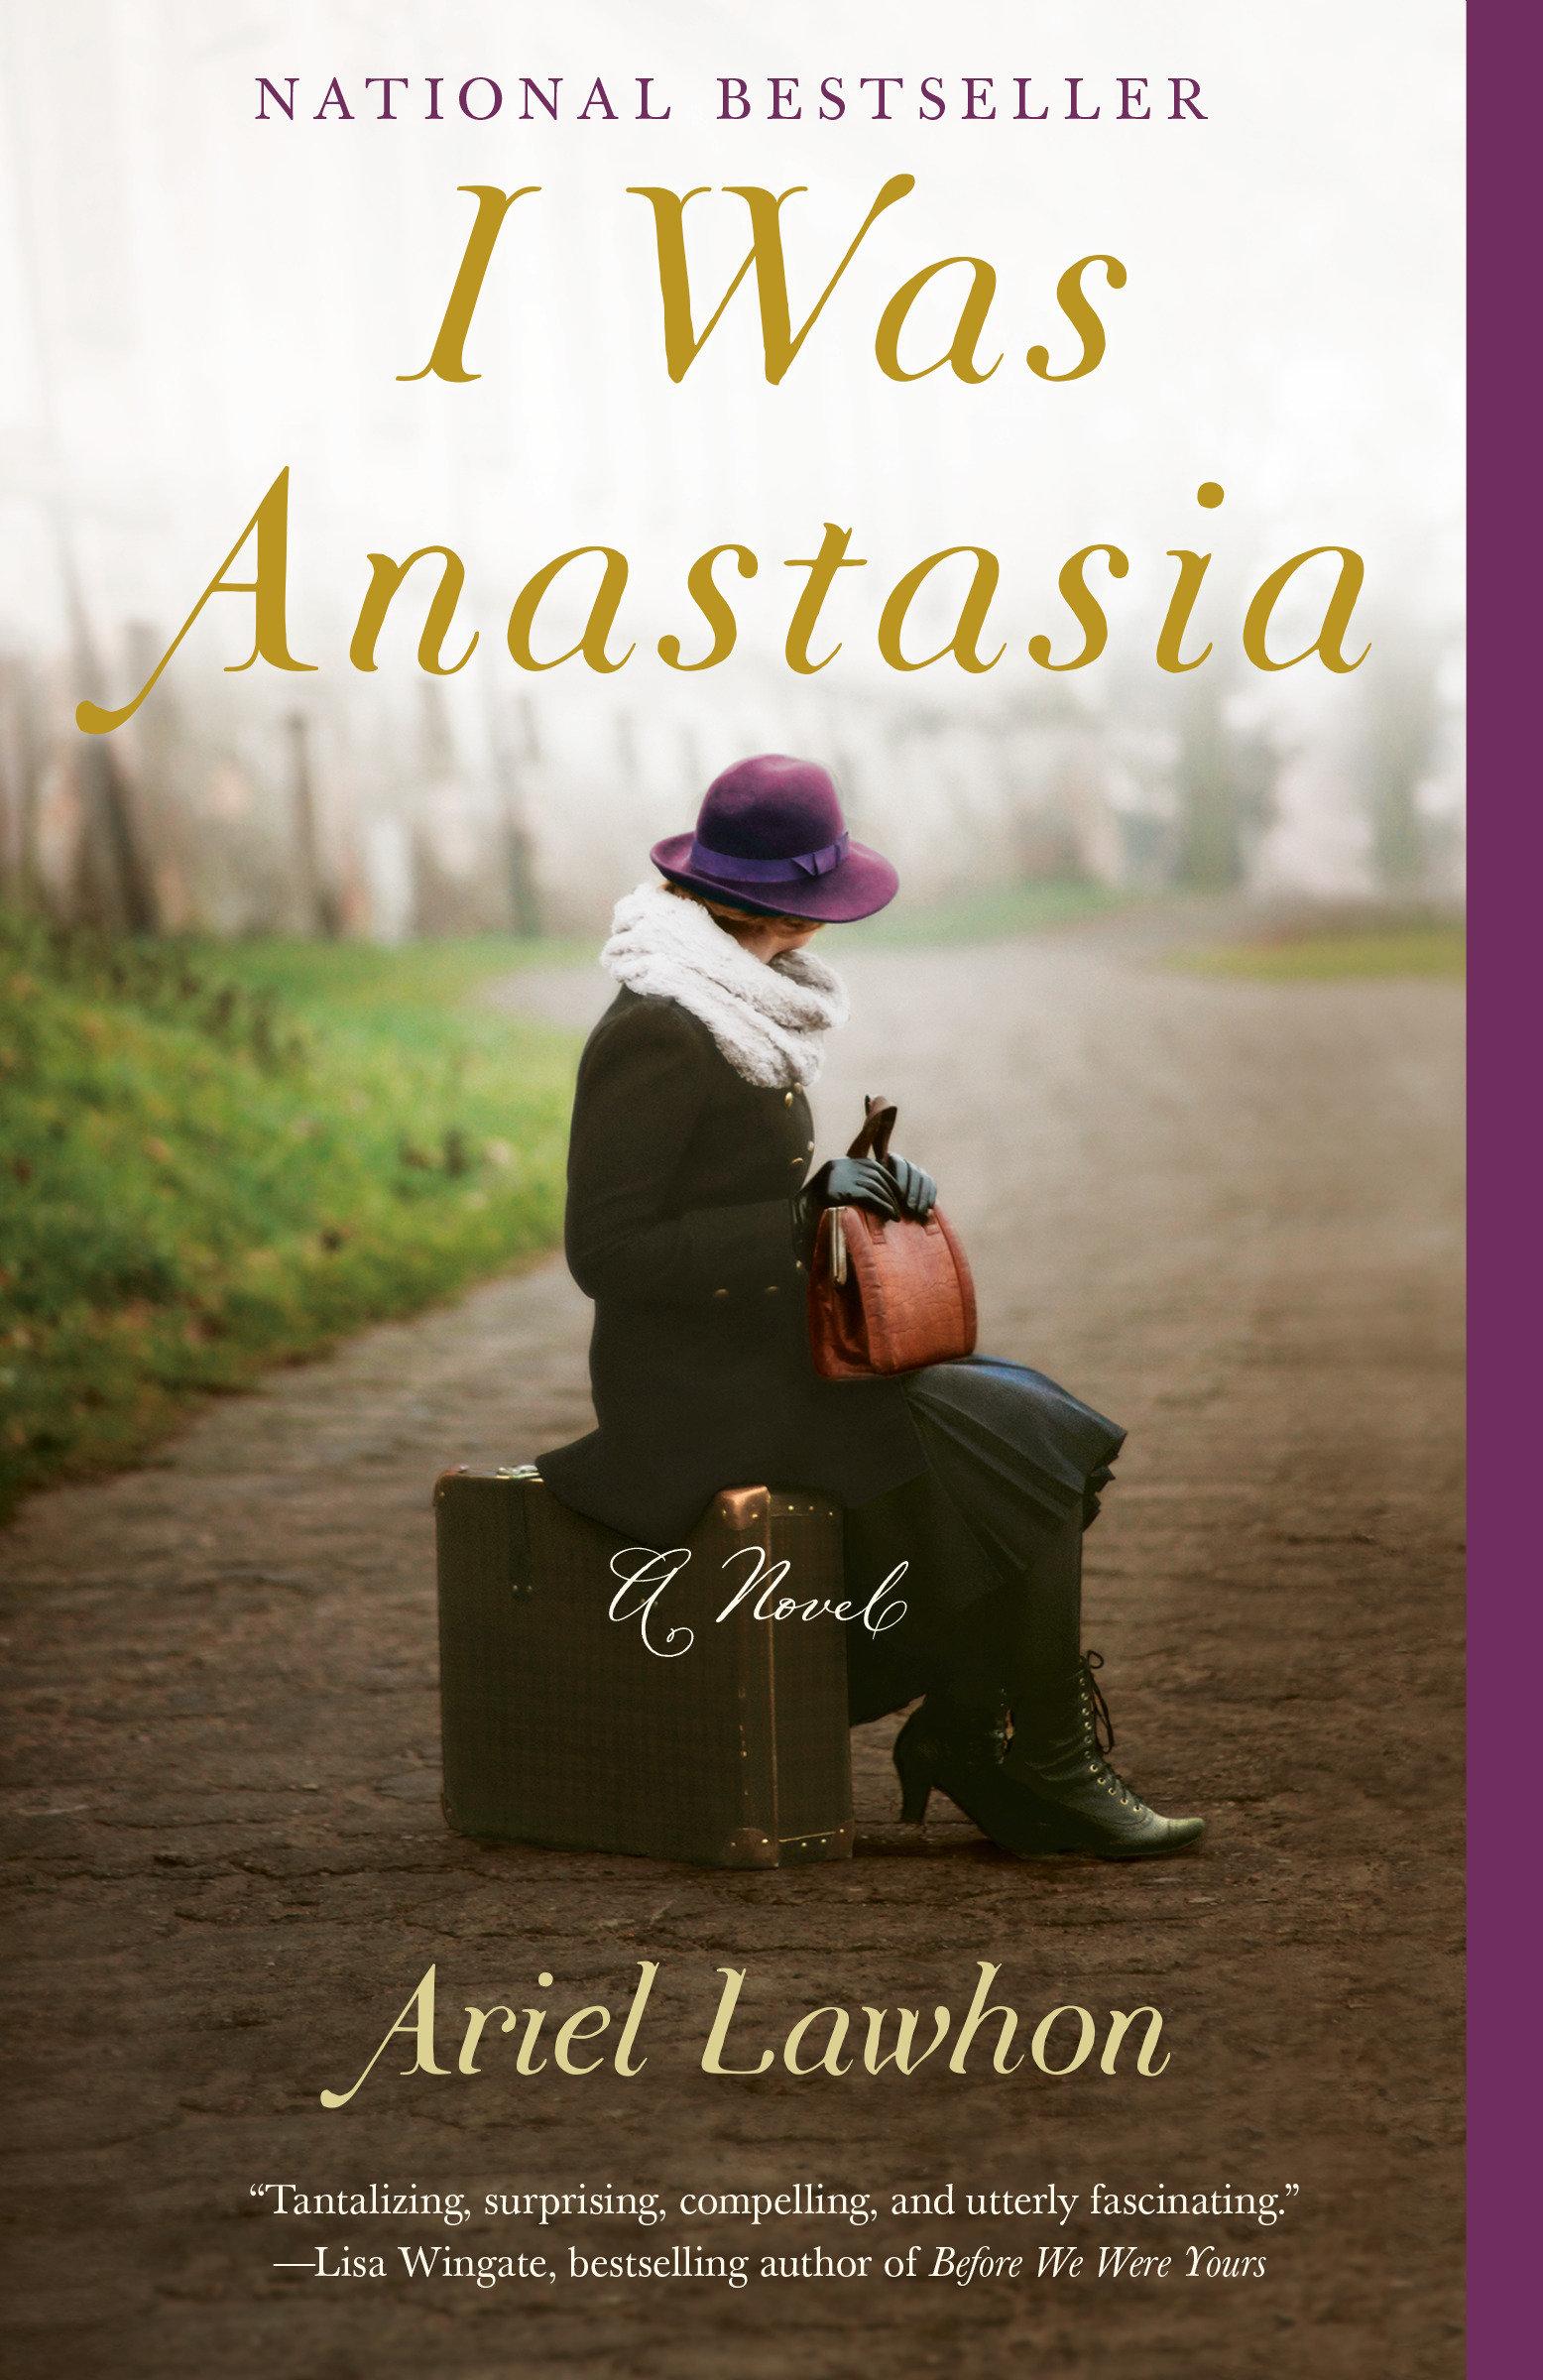 I was Anastasia a novel